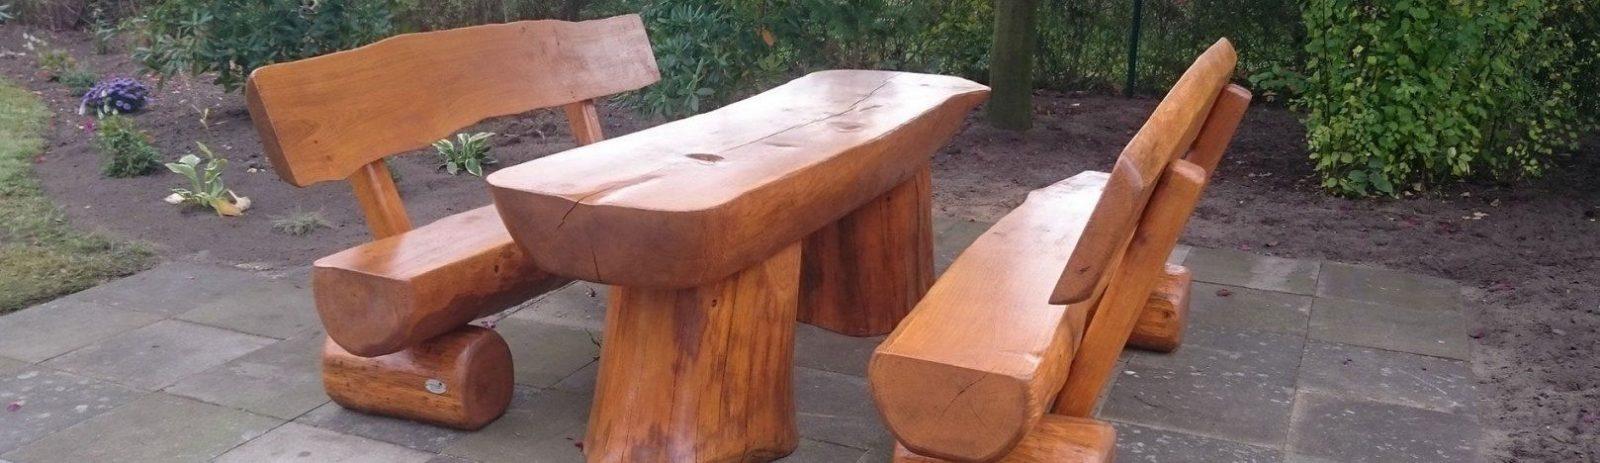 Lewitz Holz  Wir Bauen Räucheröfen Und Gartenbänke Aus Eichenholz von Rustikale Gartenmöbel Aus Eiche Bild